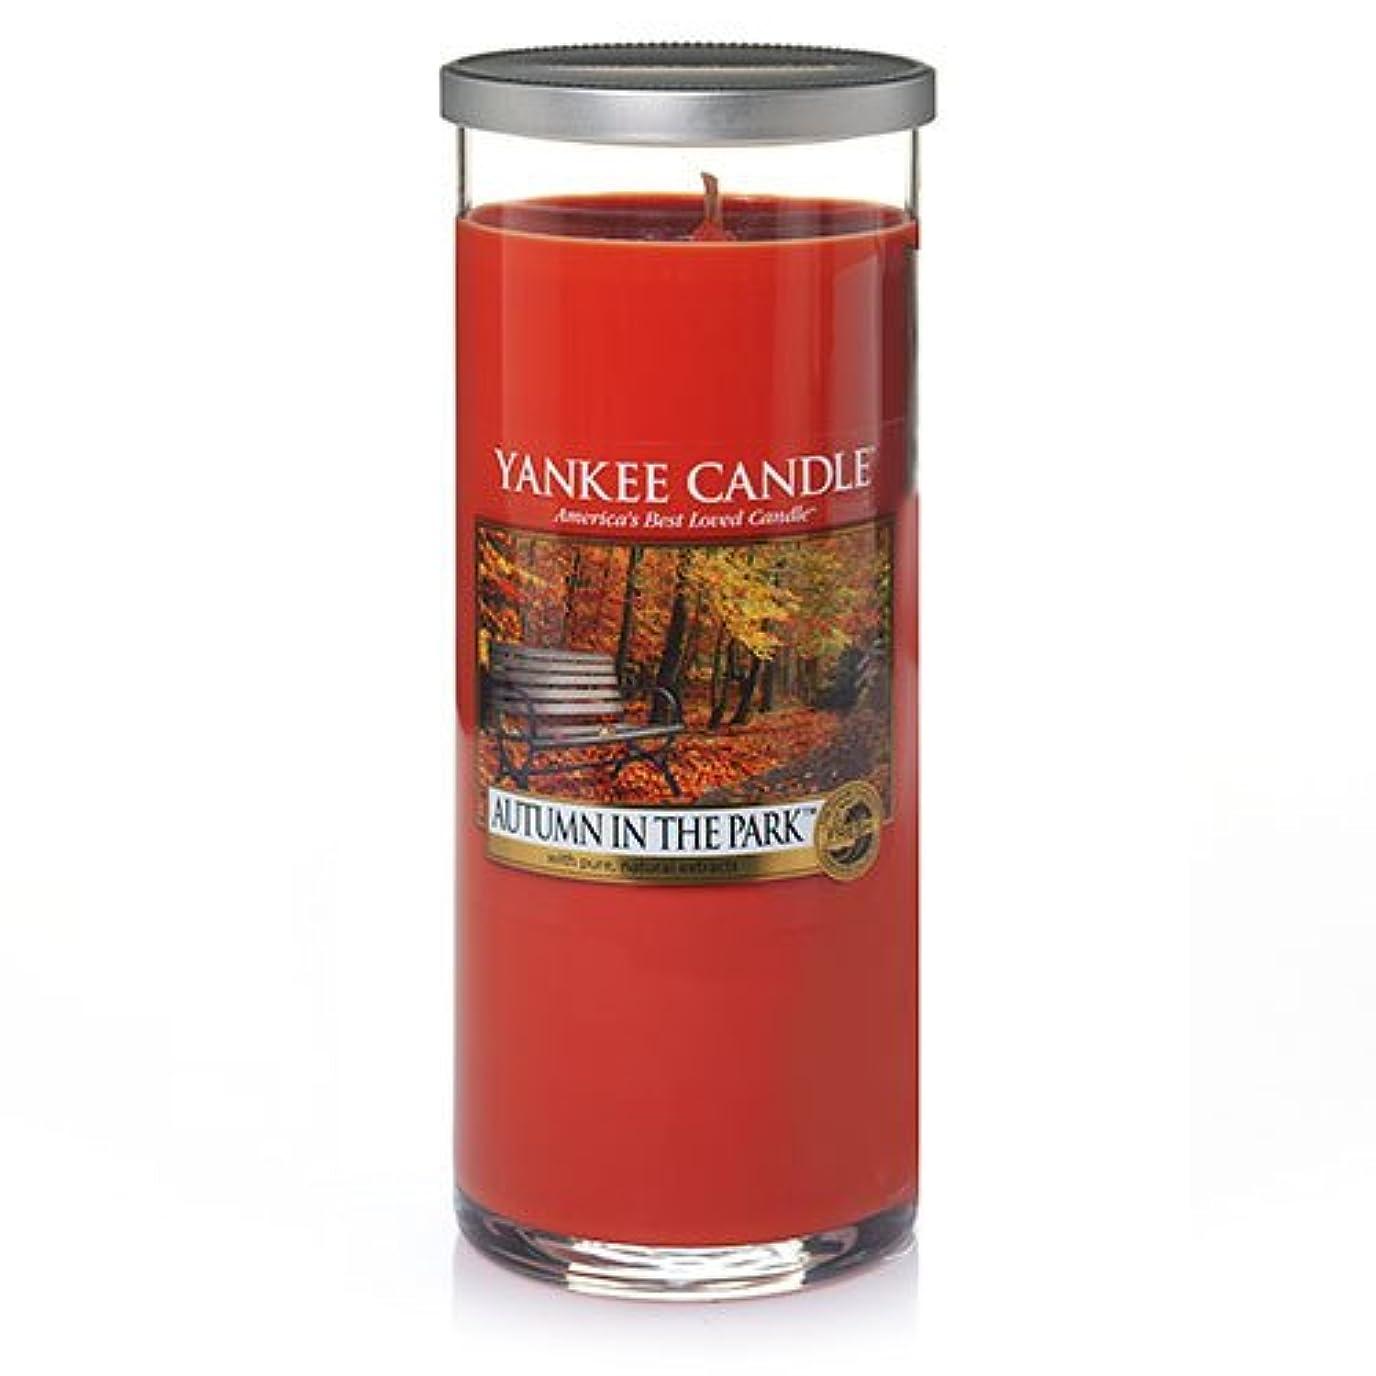 間欠喜びに話すYankee Candle Autumn In The Park Large Perfect Pillar Candle、新鮮な香り